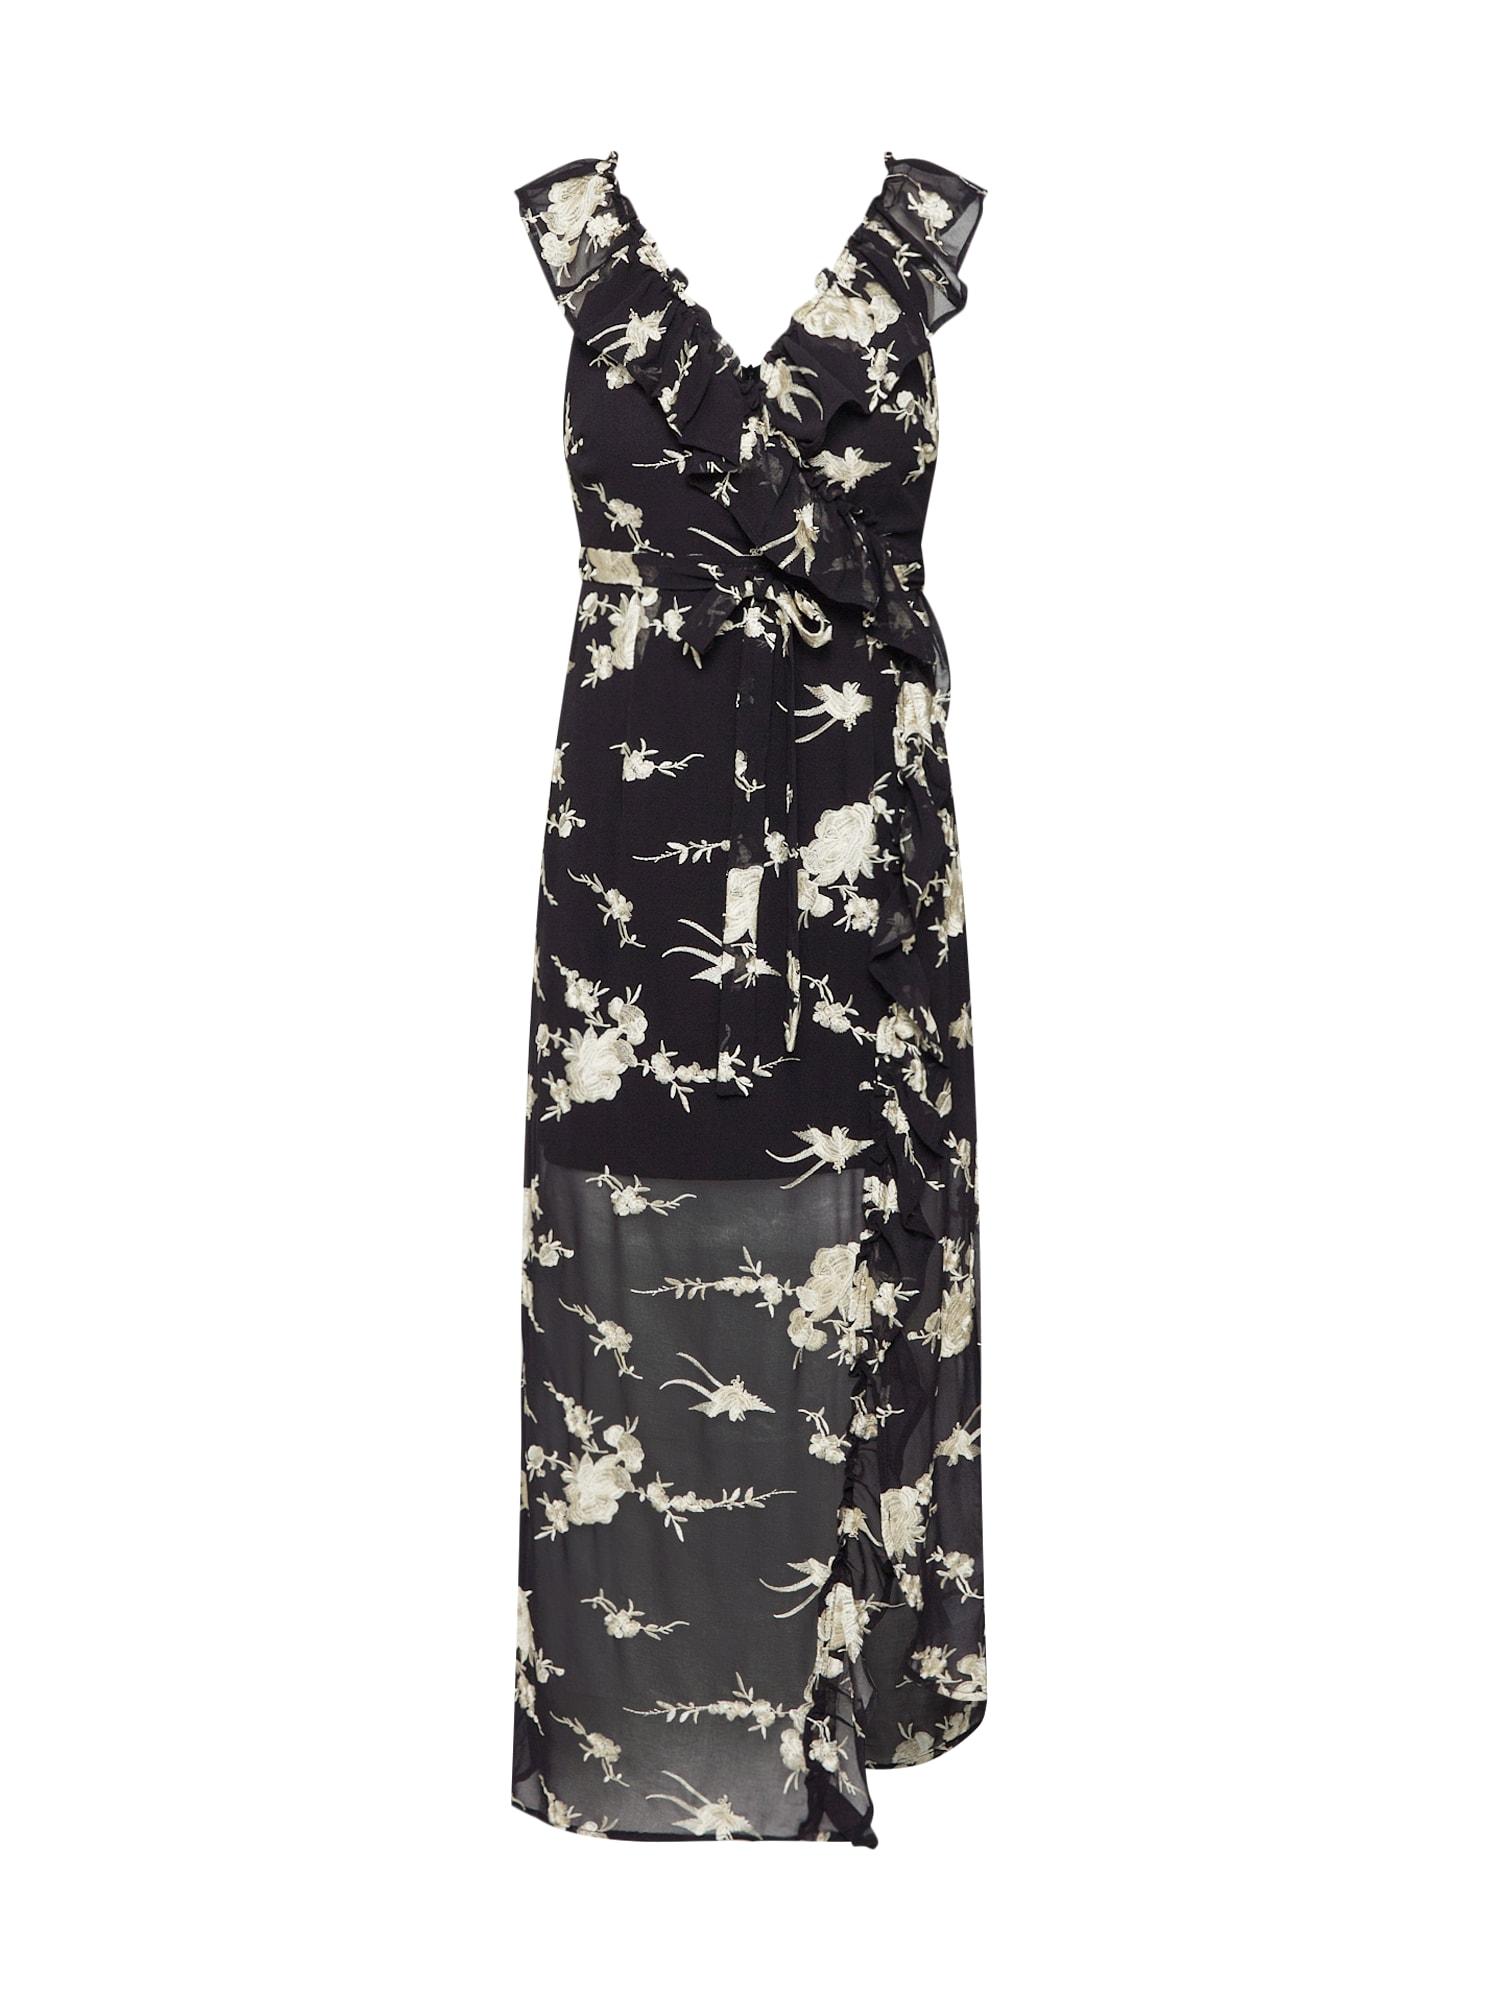 Letní šaty EMBROIDERY DRESS černá Bardot